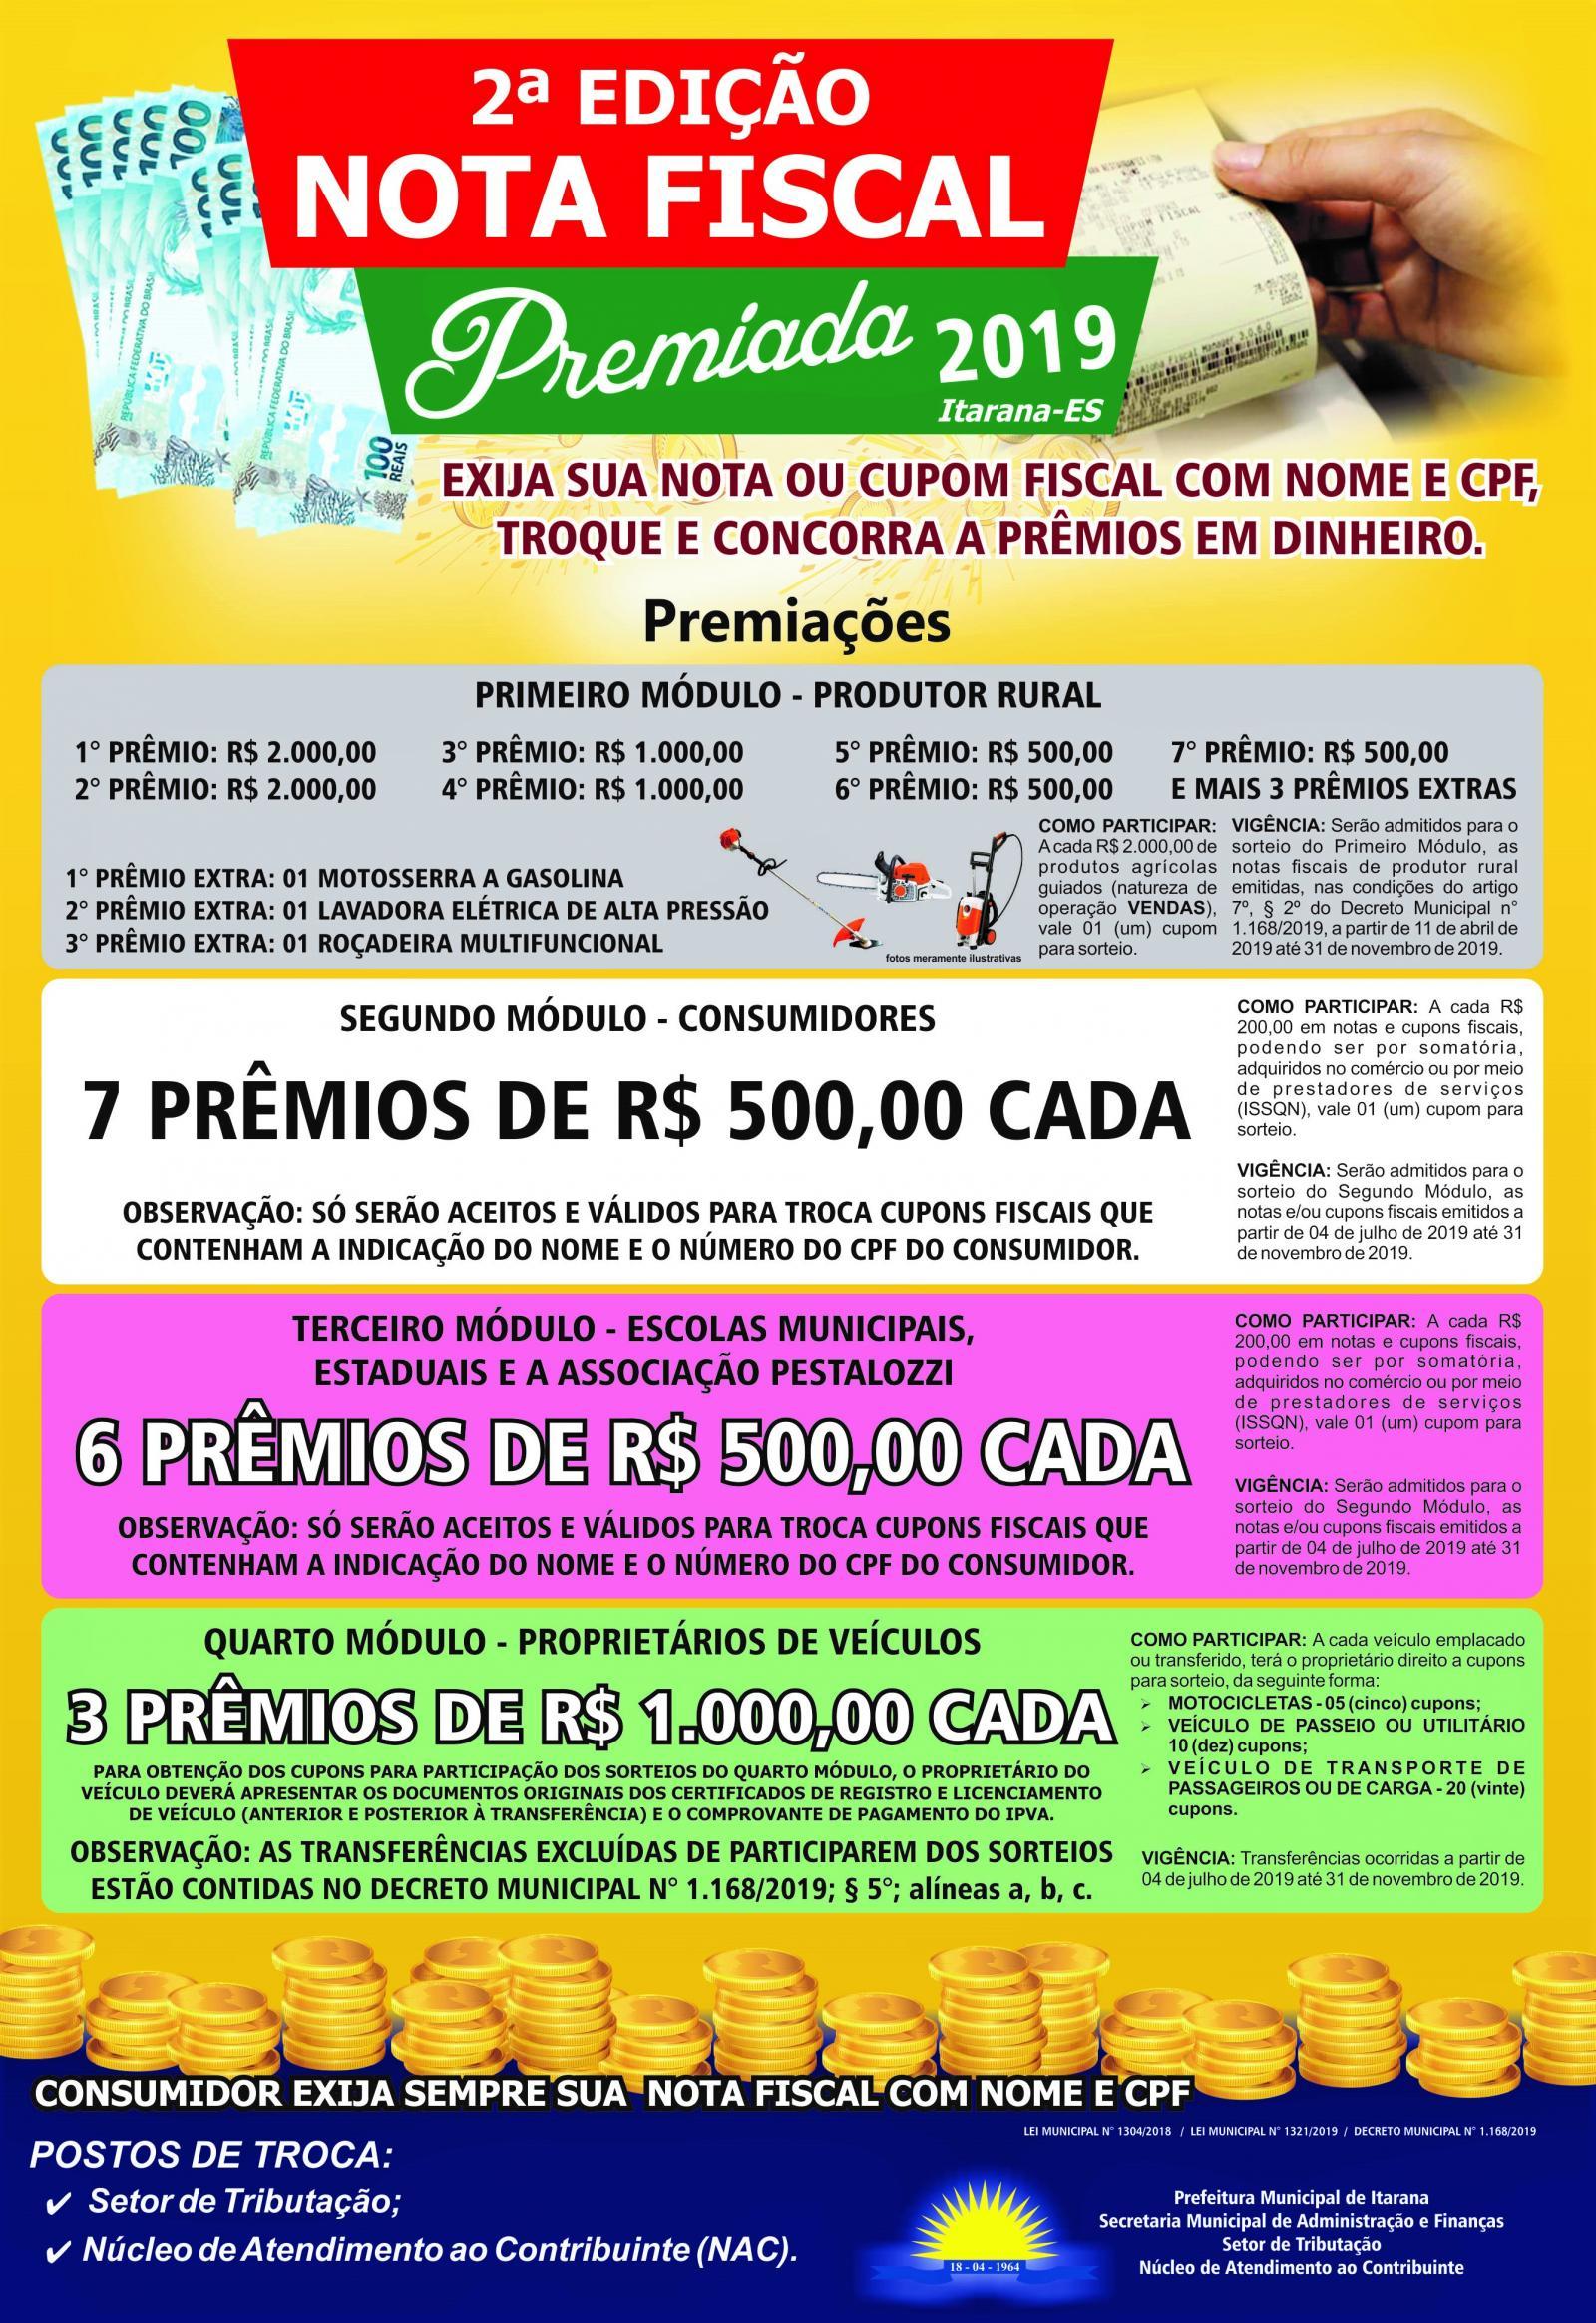 Segunda edição da Nota Fiscal Premiada movimenta o comércio nos próximos meses em Itarana